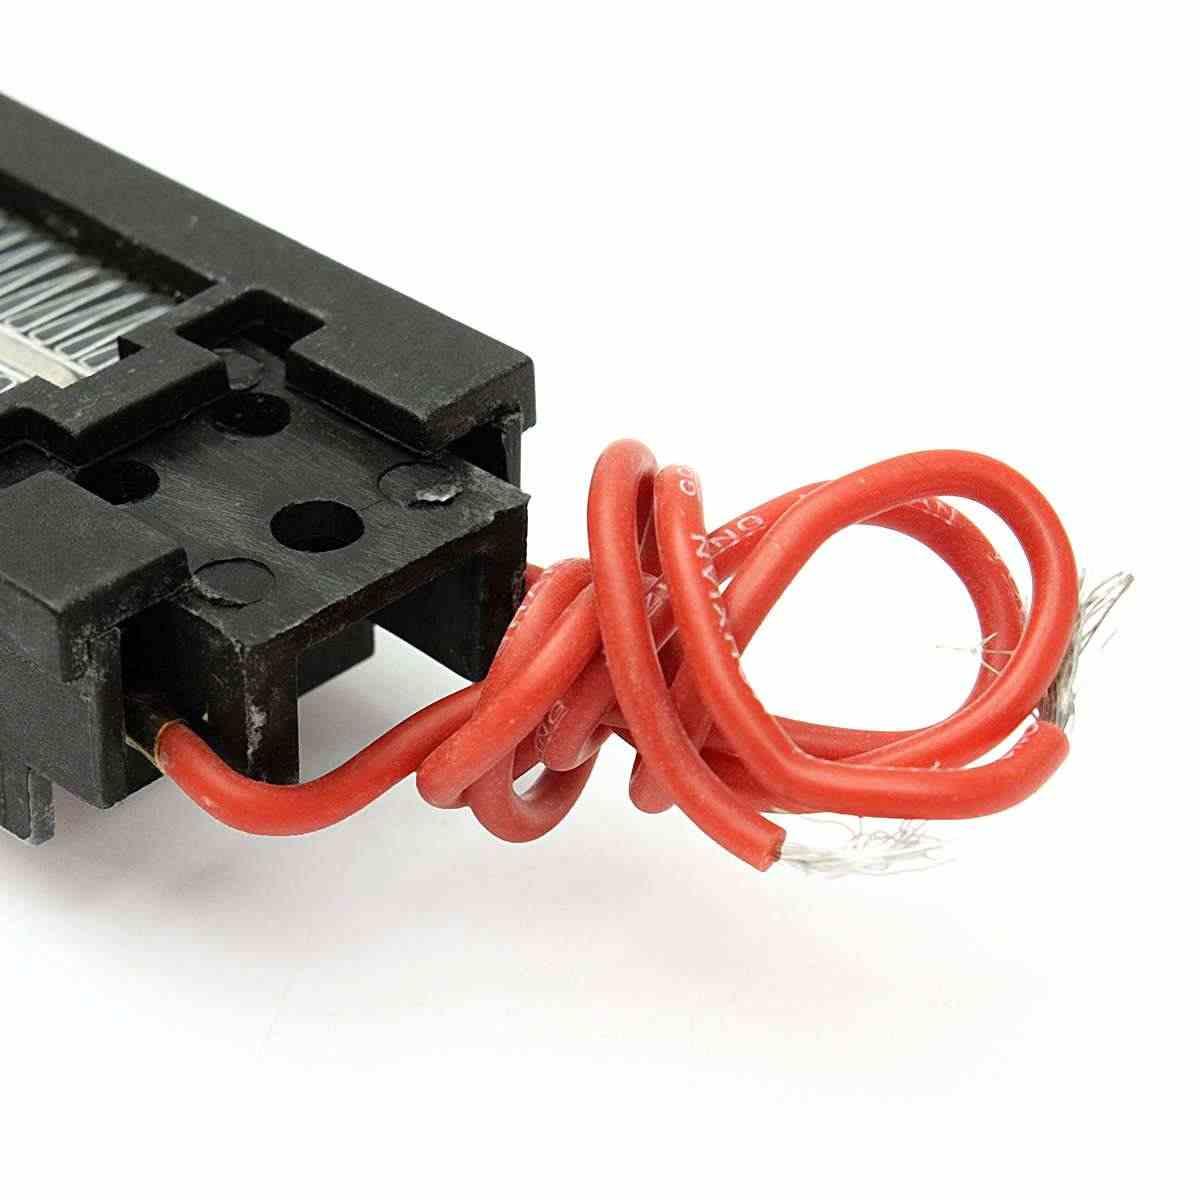 Oberfläche Isolierte 110V 100W Keramik Thermostat PTC Heizelement Elektrische Luft Heizung Werkzeug Teile AC/DC